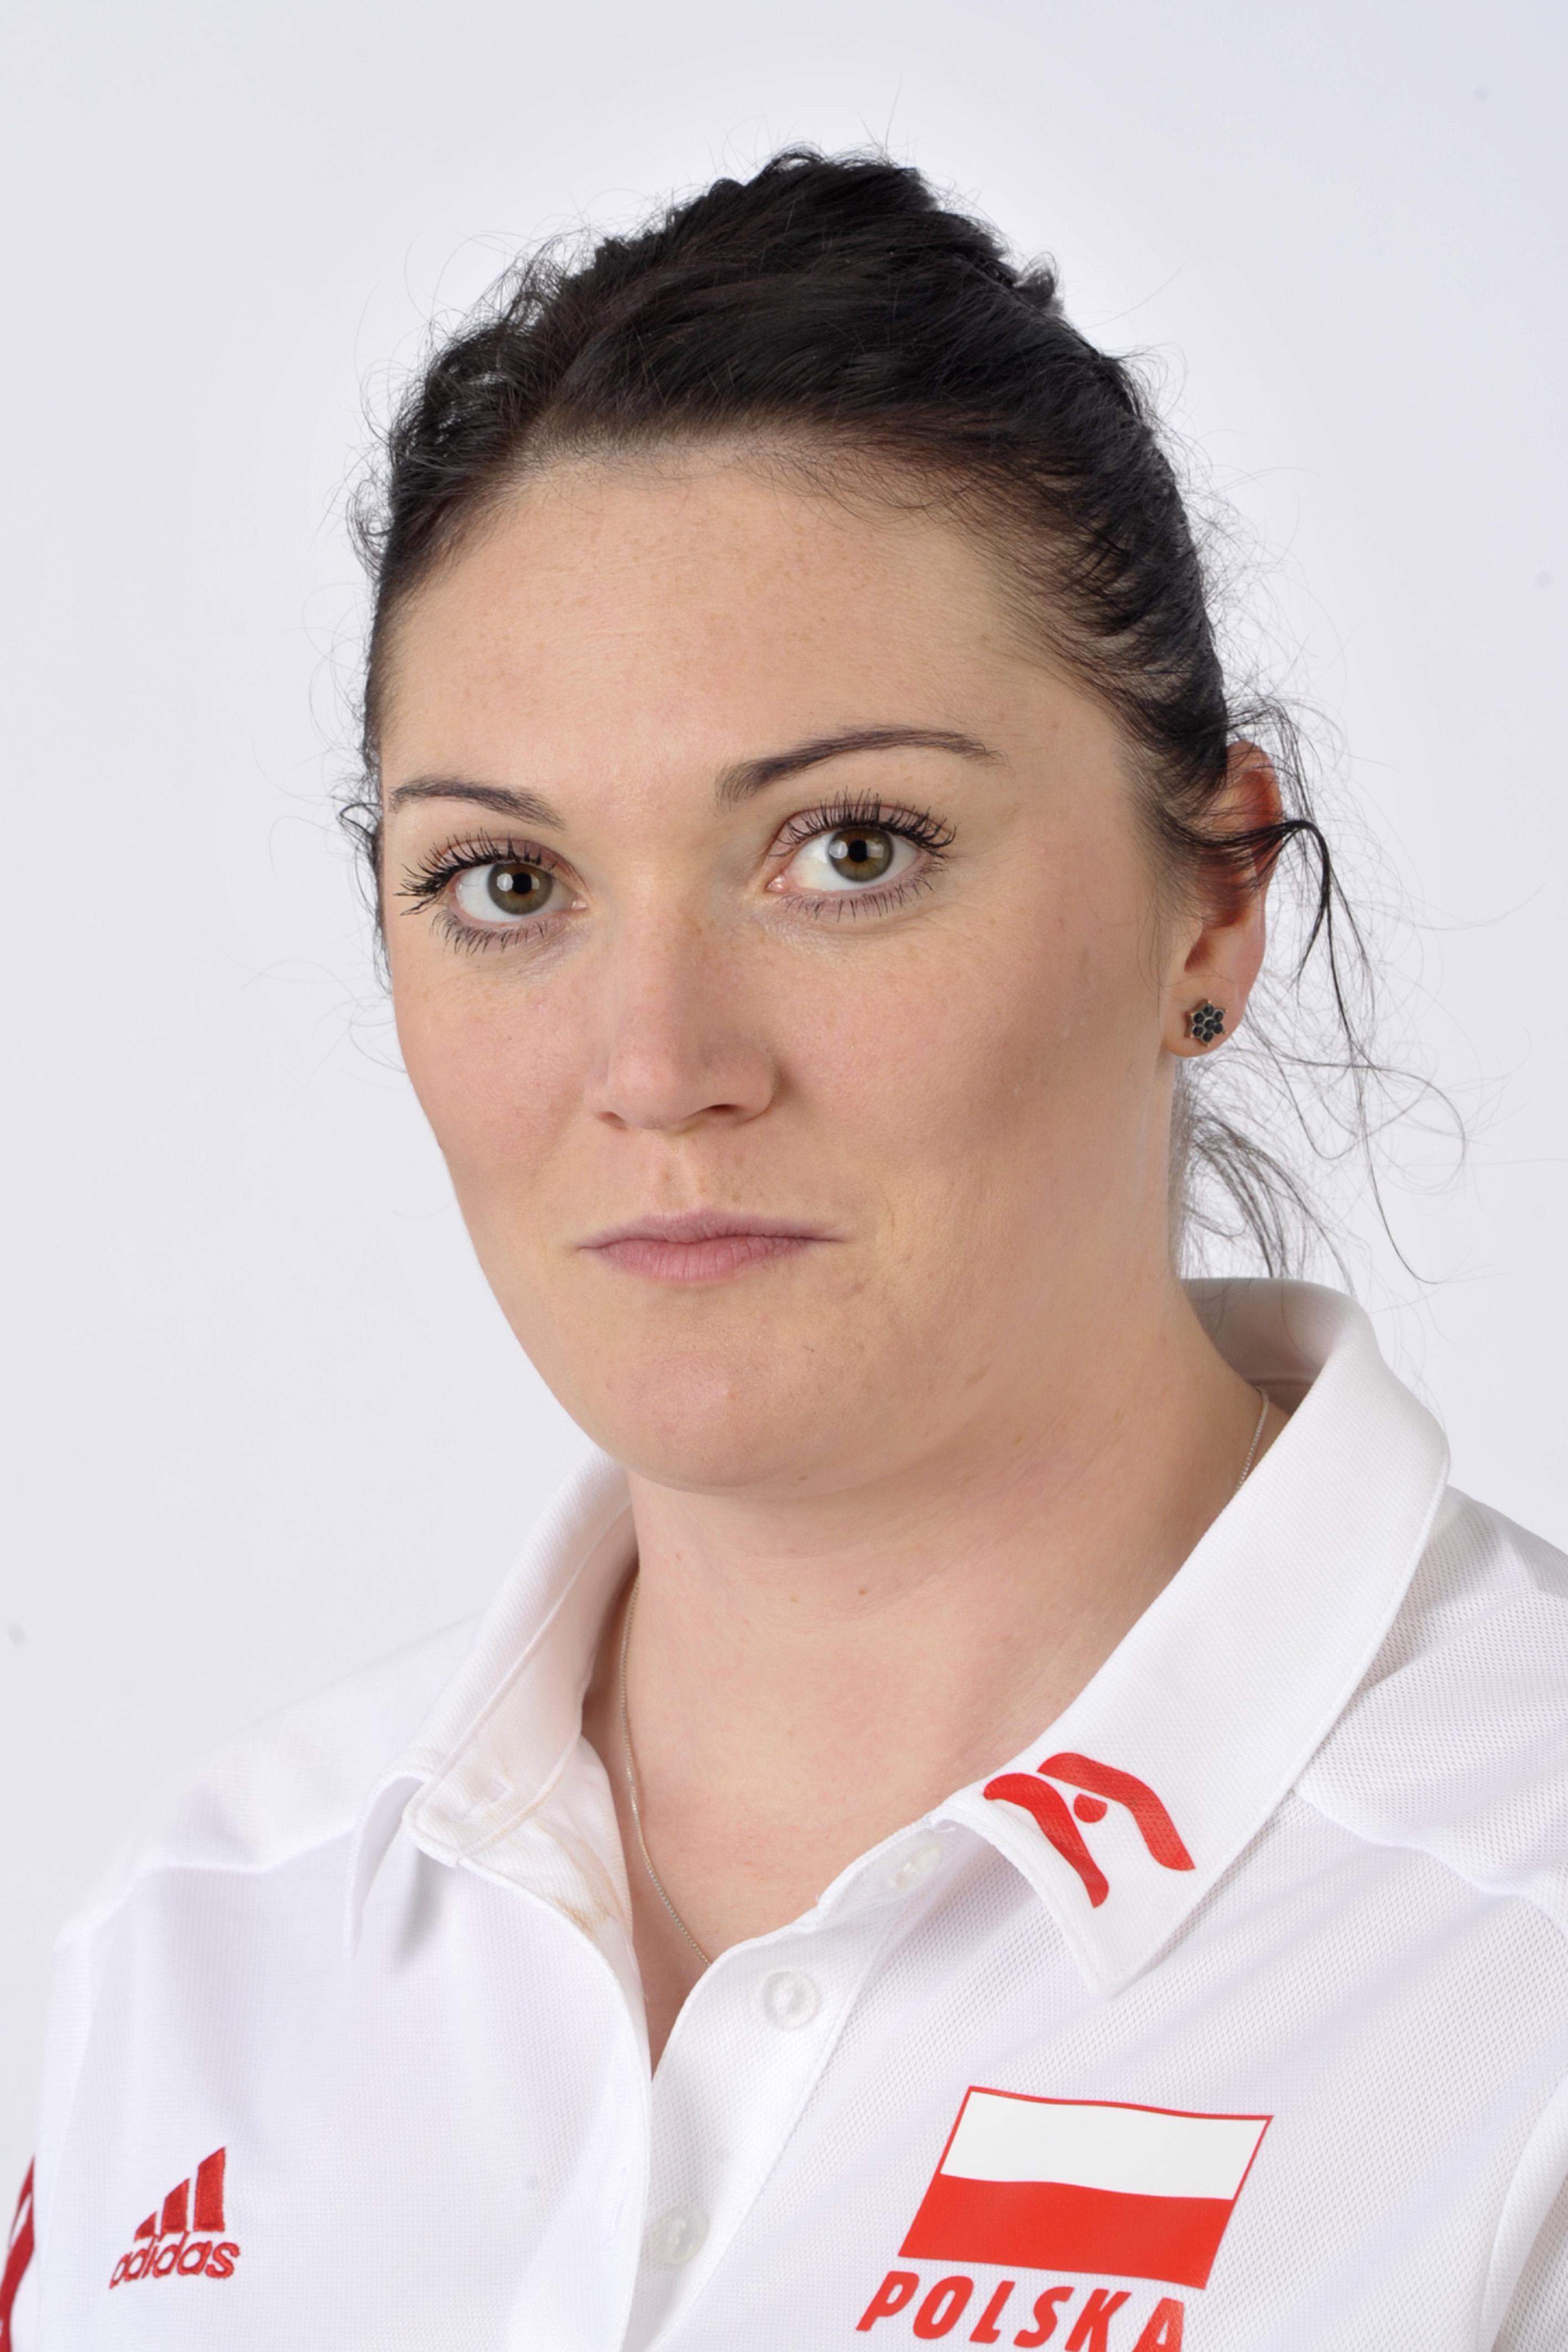 Tamara Kaliszuk